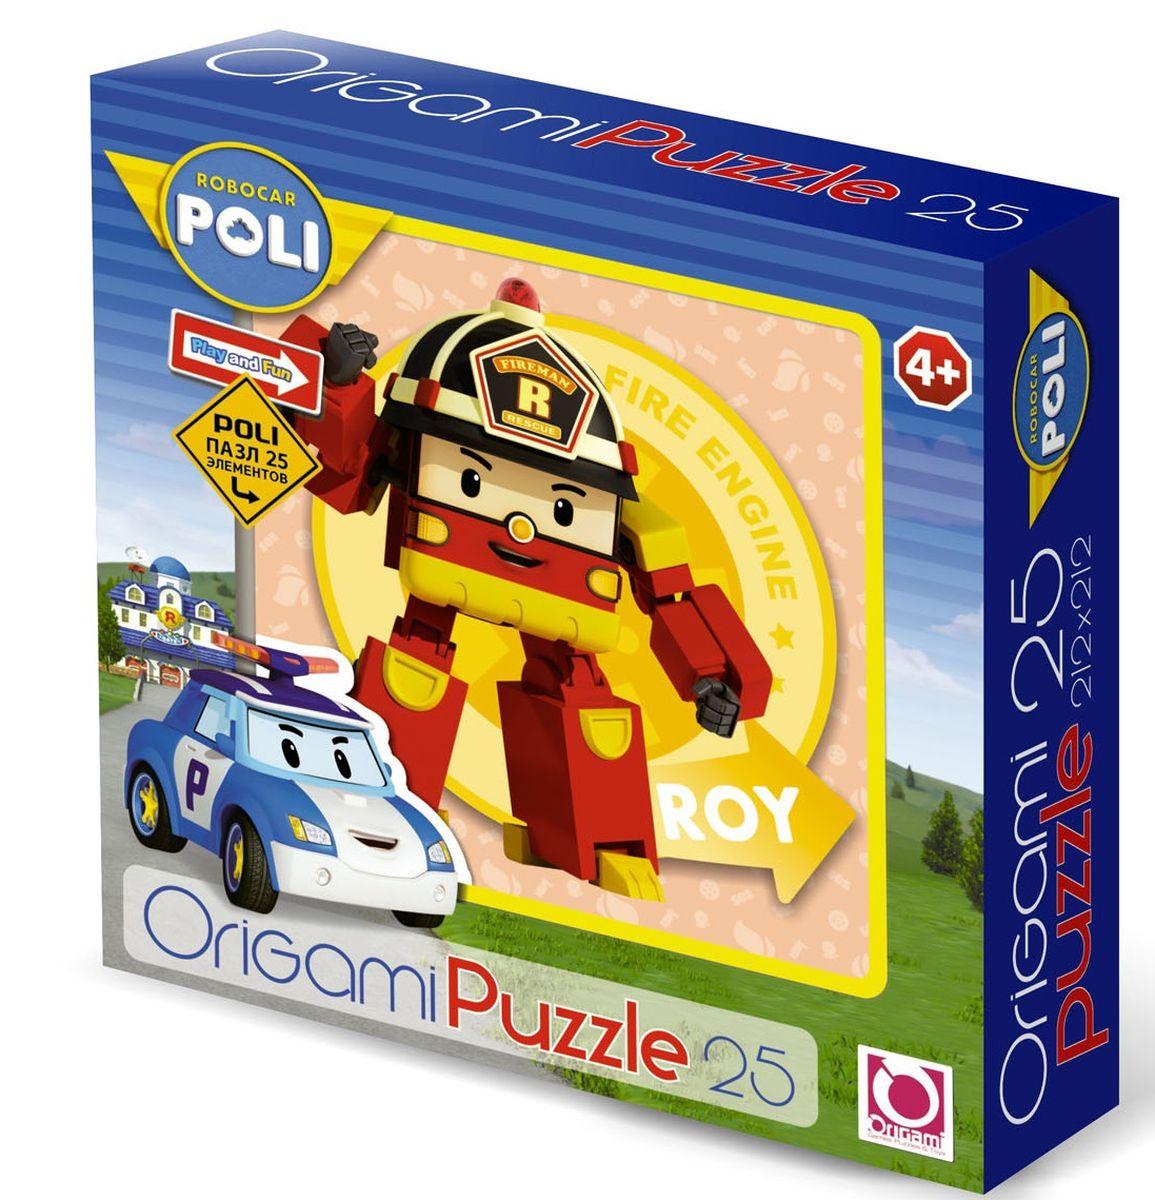 Оригами Пазл для малышей Robocar Poli 00162 пазл 3d 216 элементов оригами эйфелева башня